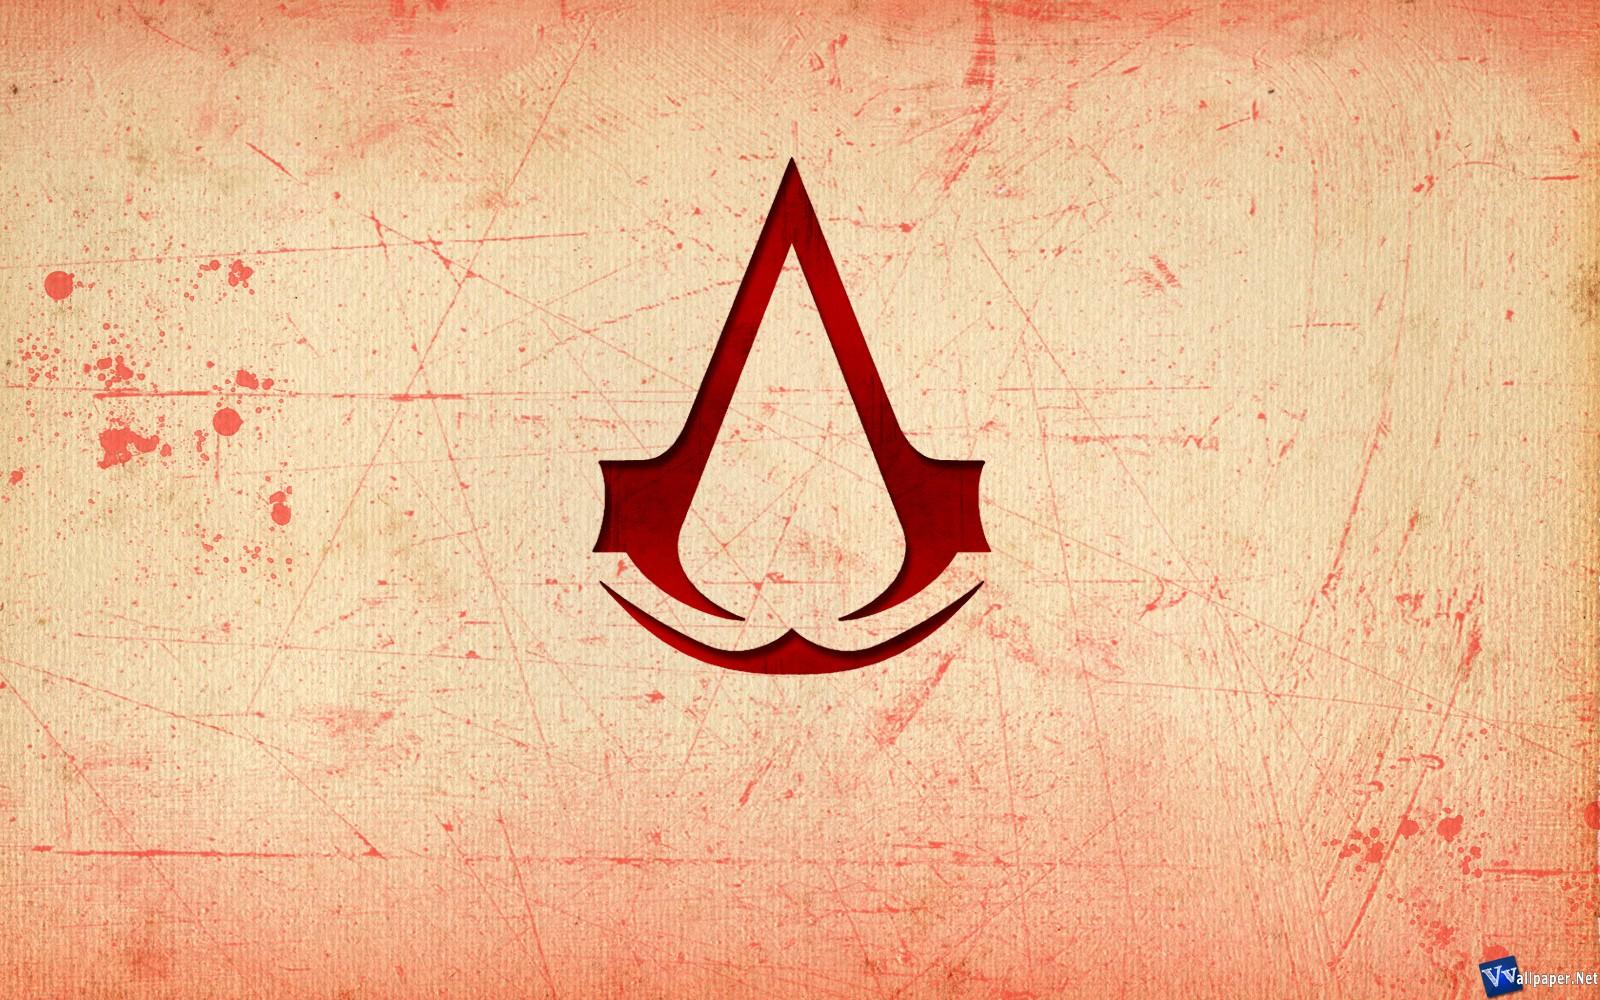 Sfondi disegno illustrazione rosso testo logo for Assassin s creed sfondi